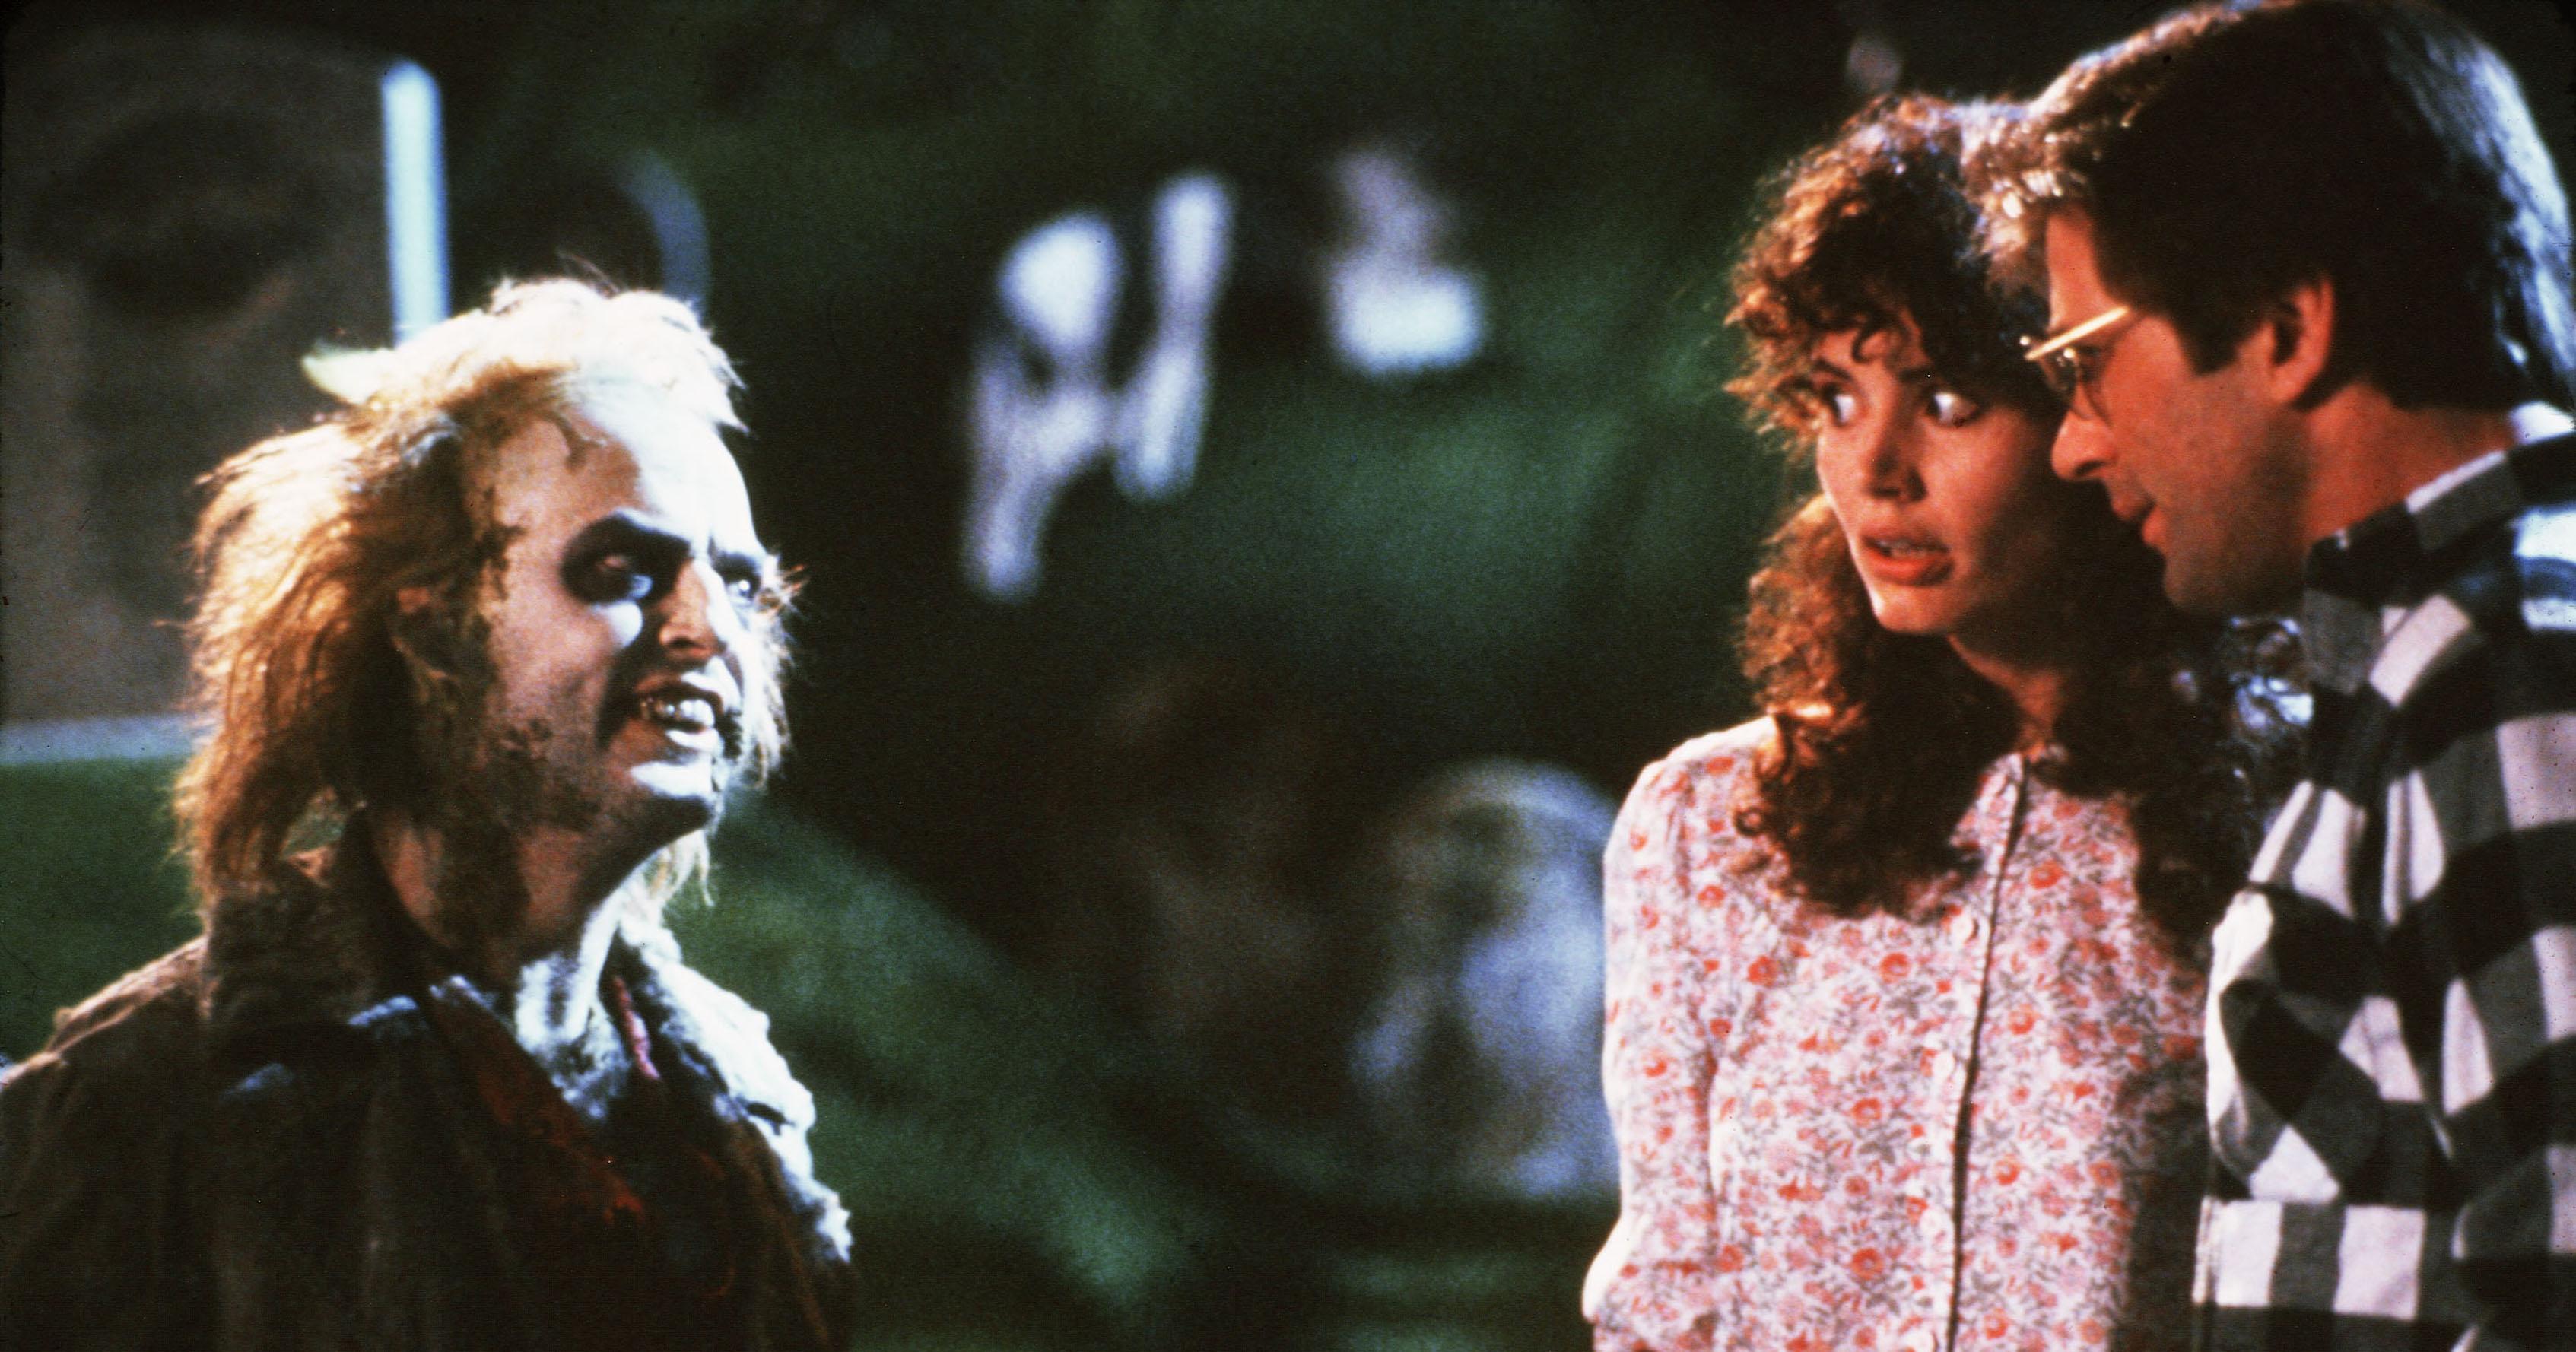 From left: Michael Keaton, Geena Davis, and Alex Baldwin in Beetlejuice.